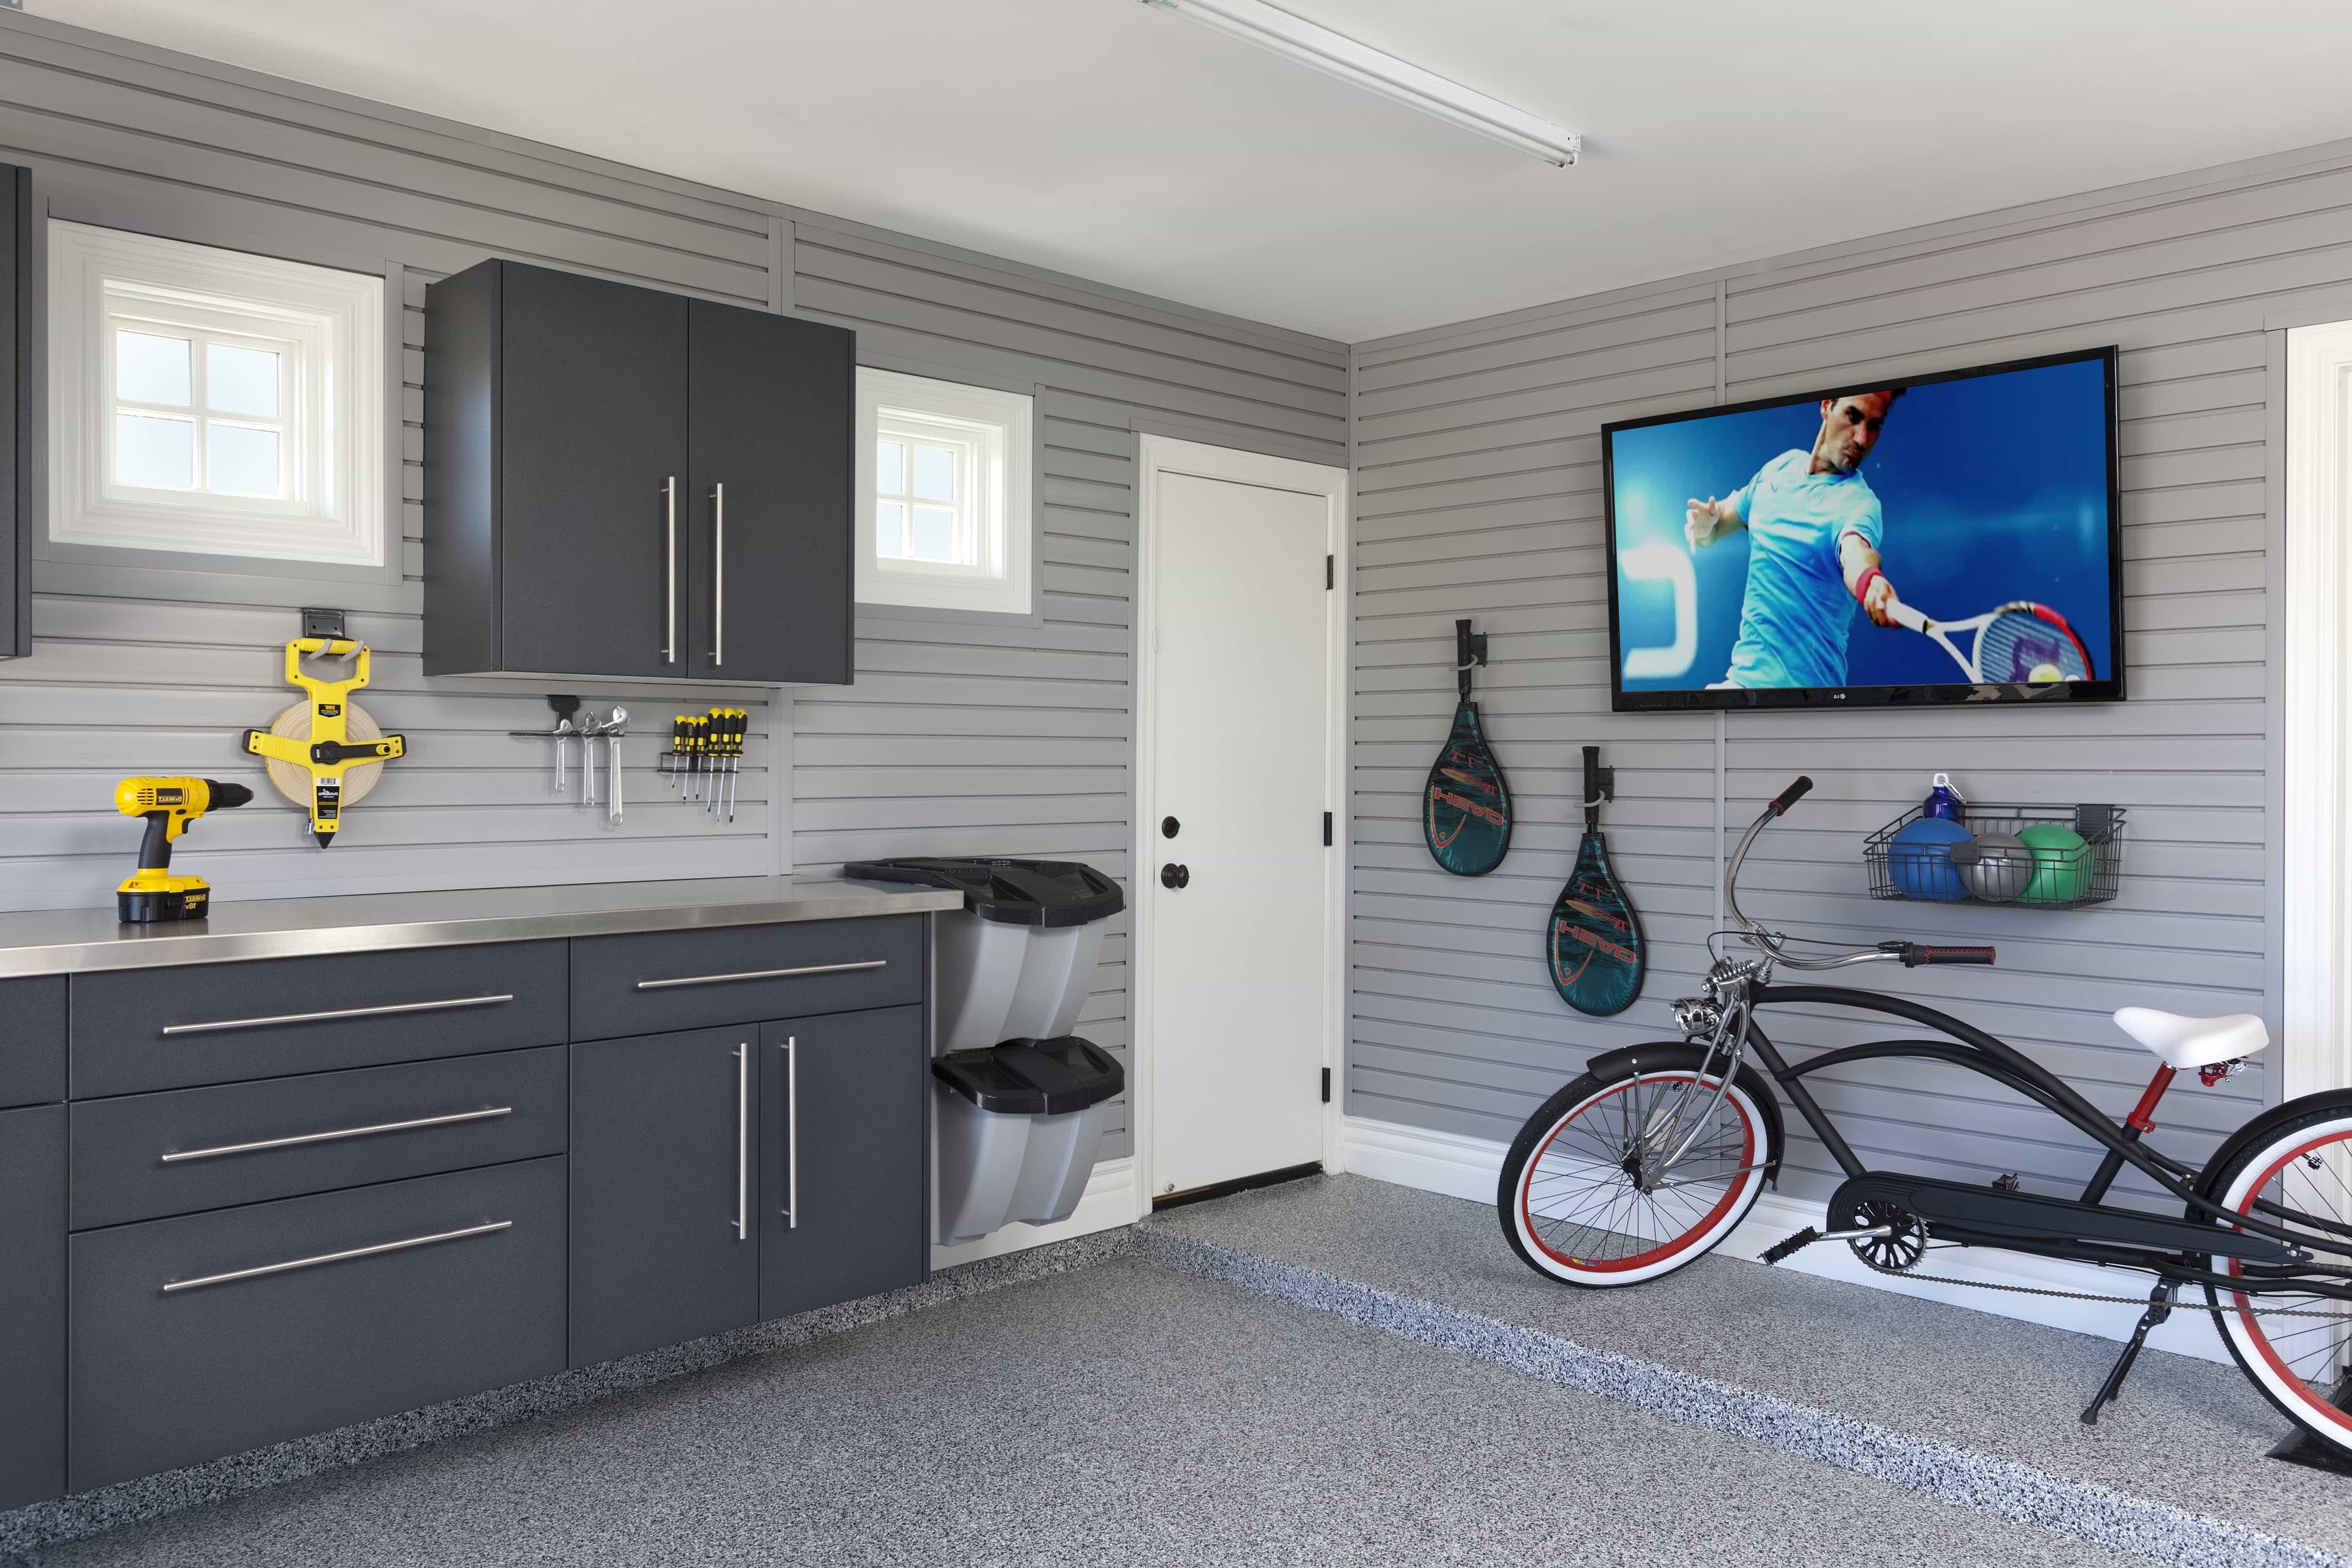 10 best garage storage and organization ideas 20961 garage ideas